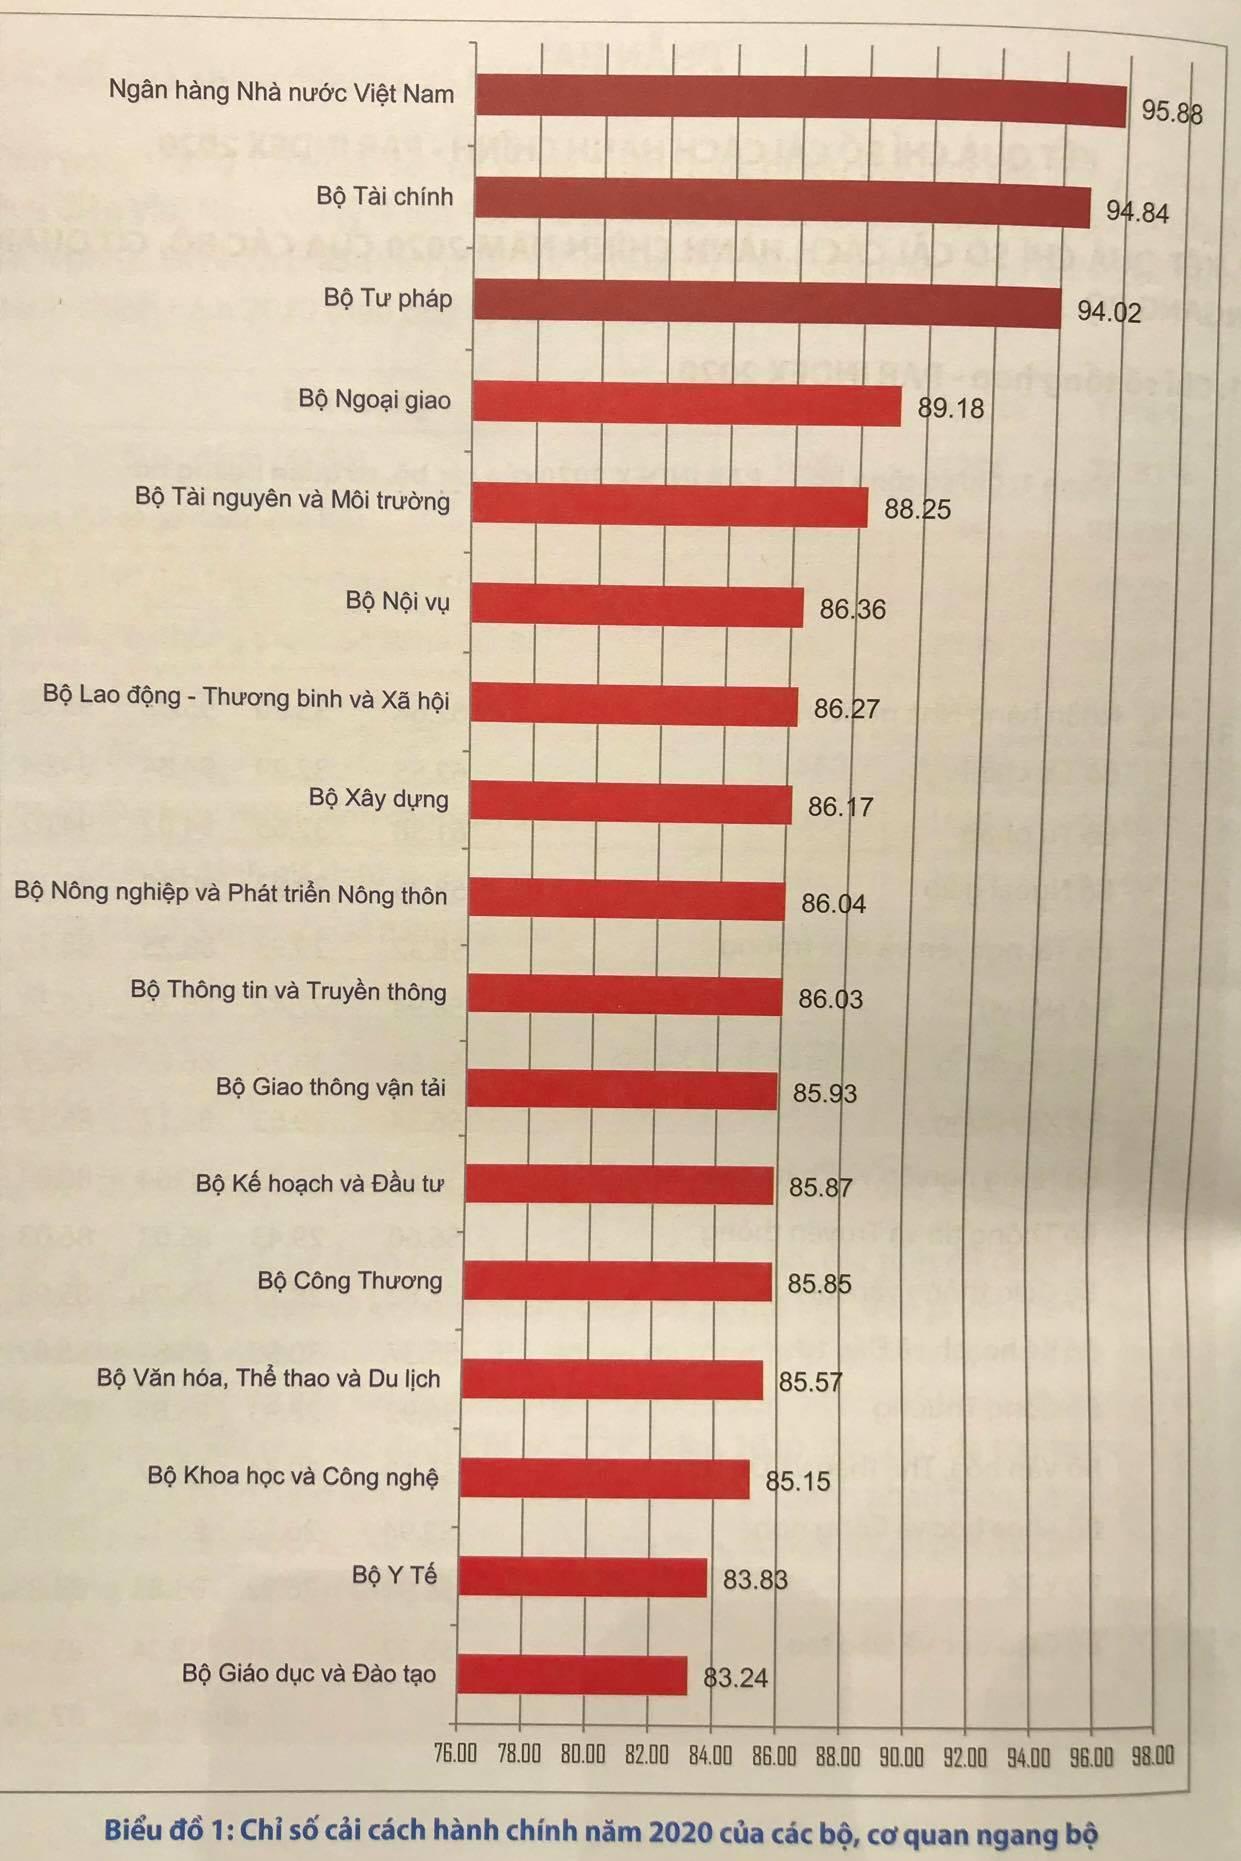 Bộ GD-ĐT cùng Quảng Ngãi xếp cuối bảng cải cách hành chính năm 2020